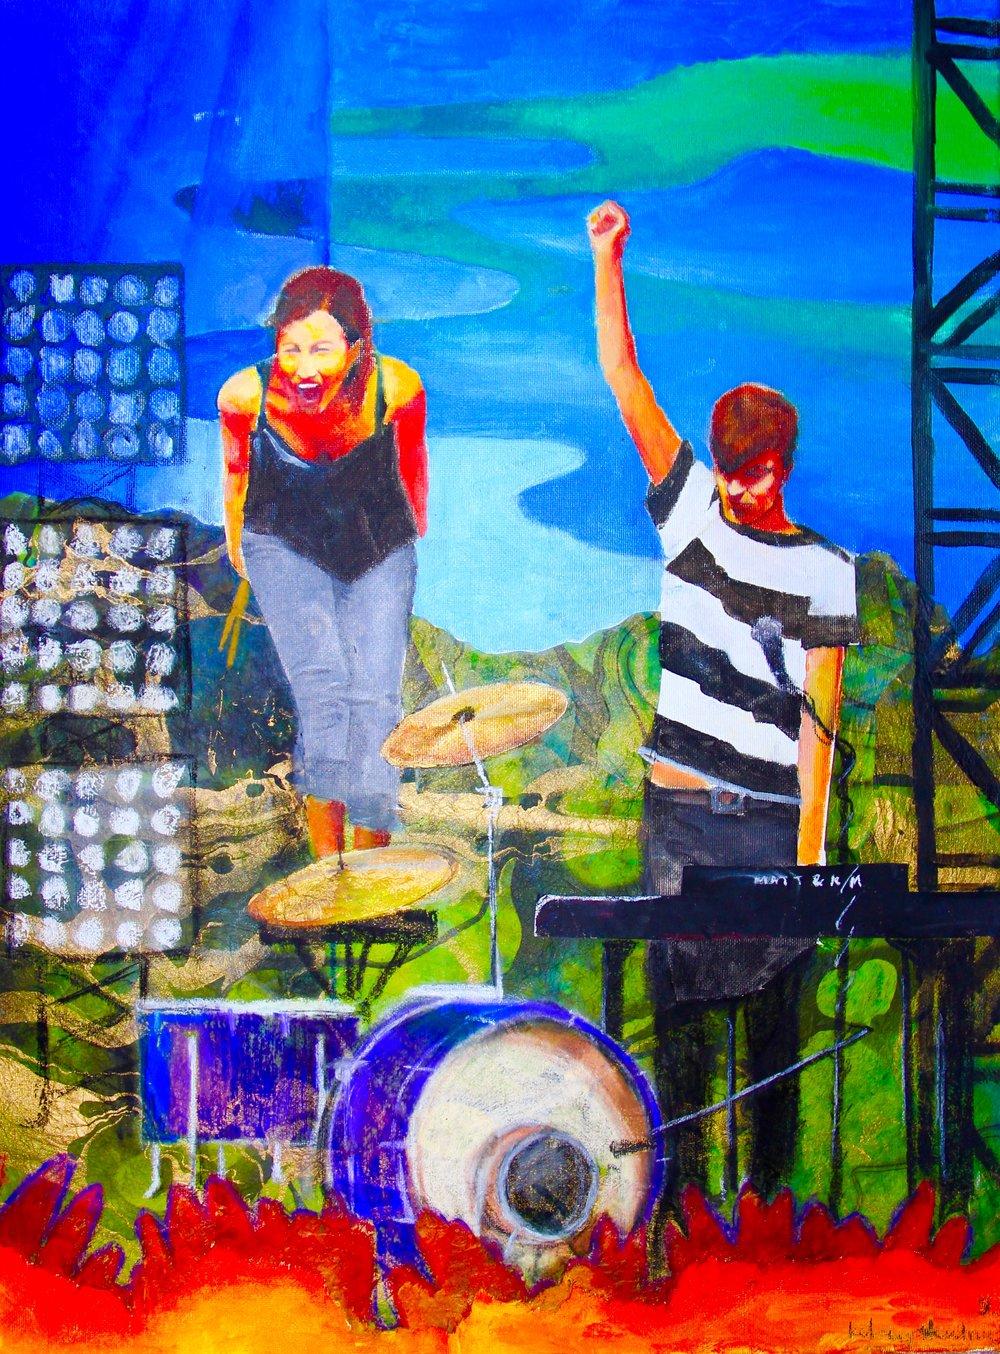 Matt & Kim Lollapalooza 2010 2013, oils, oil pastels, chalk pastels &craft paper